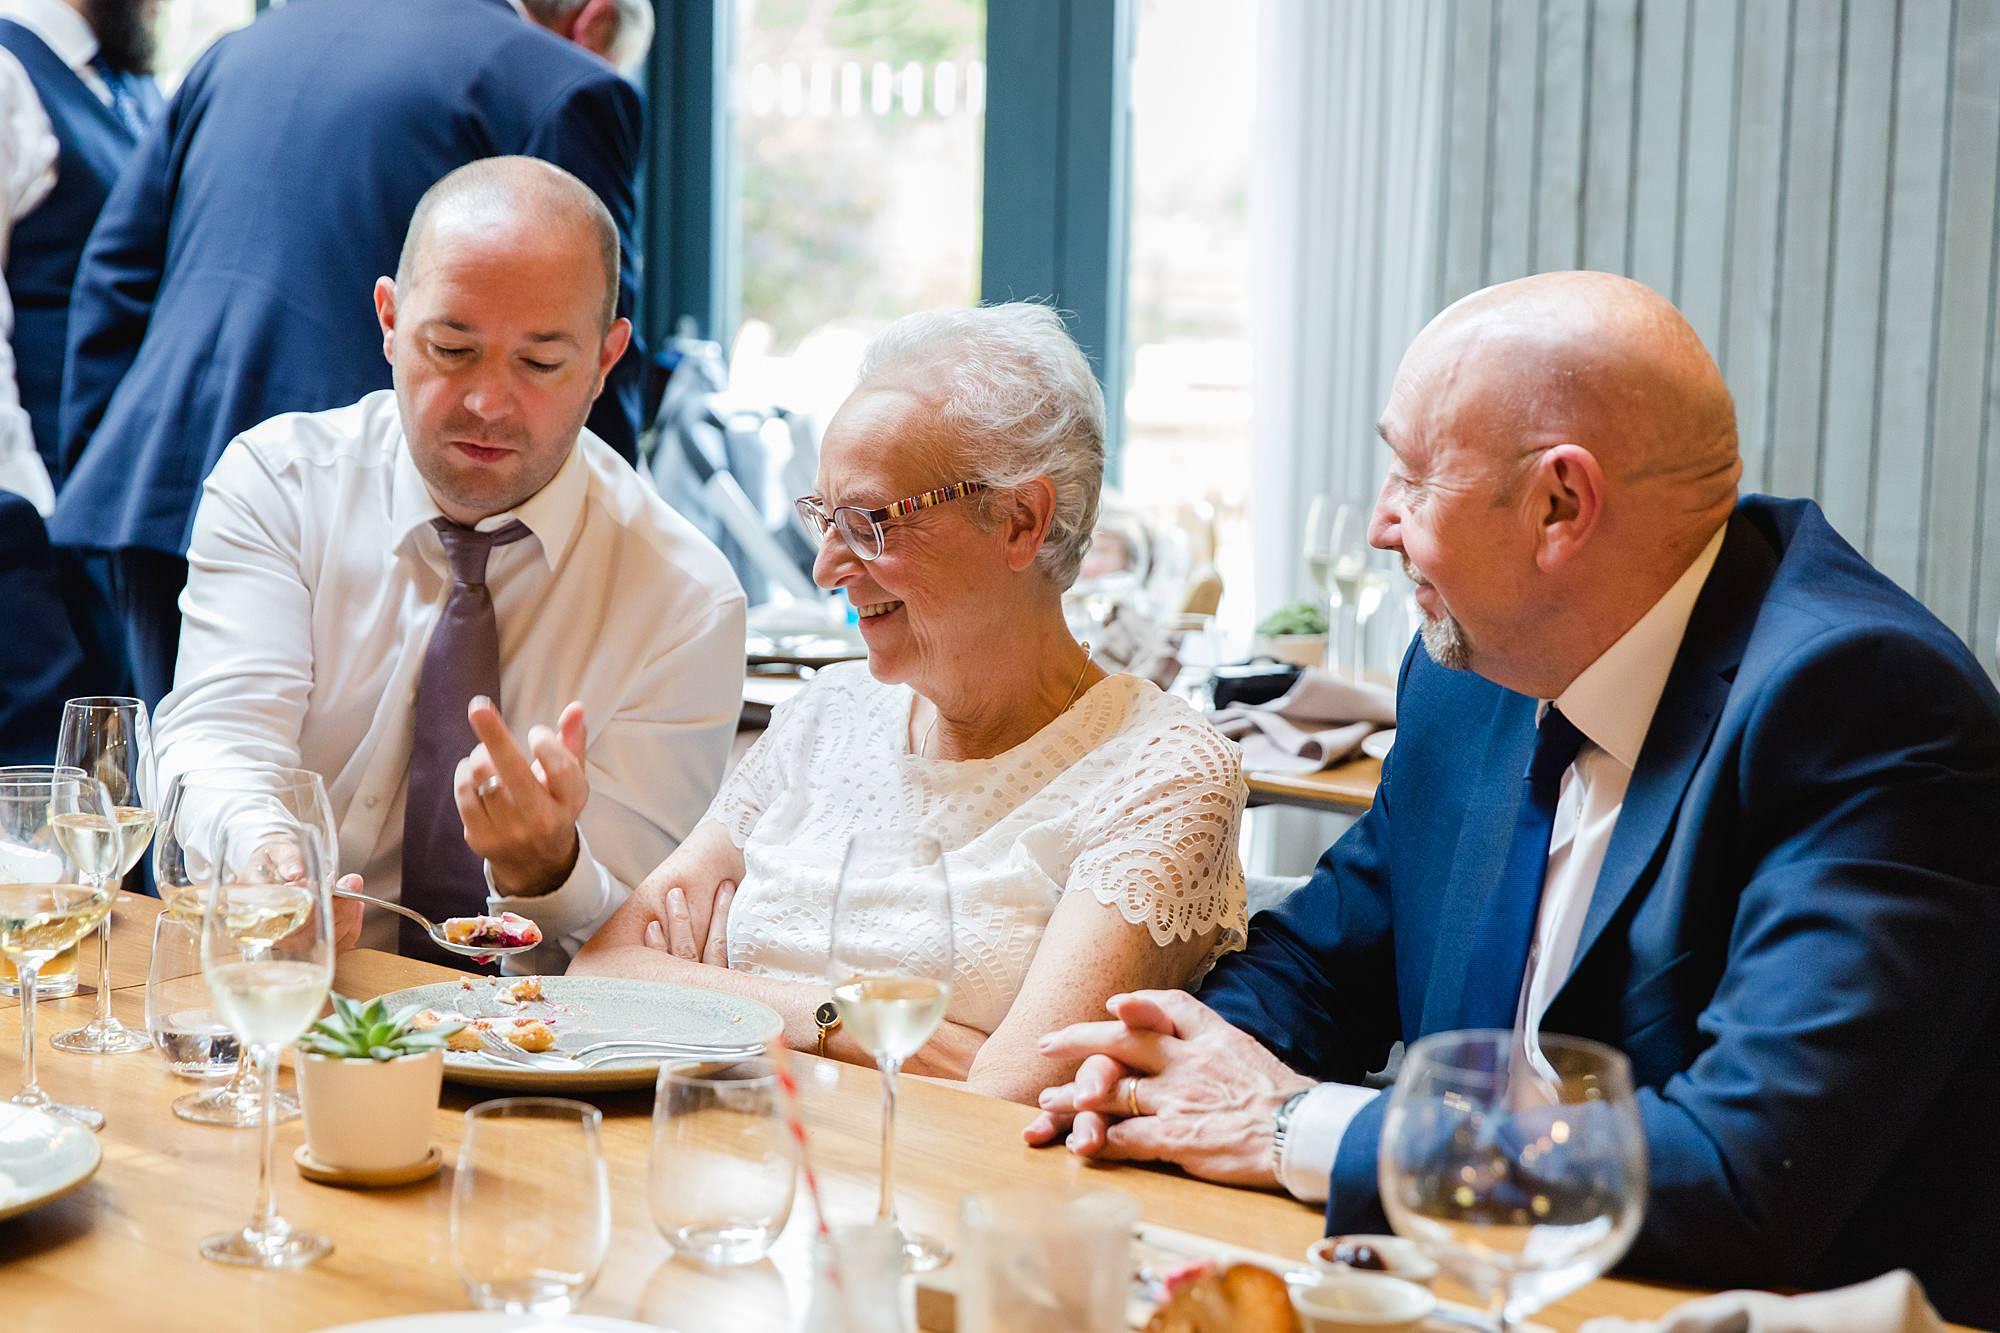 shaw house wedding guest steals some dessert